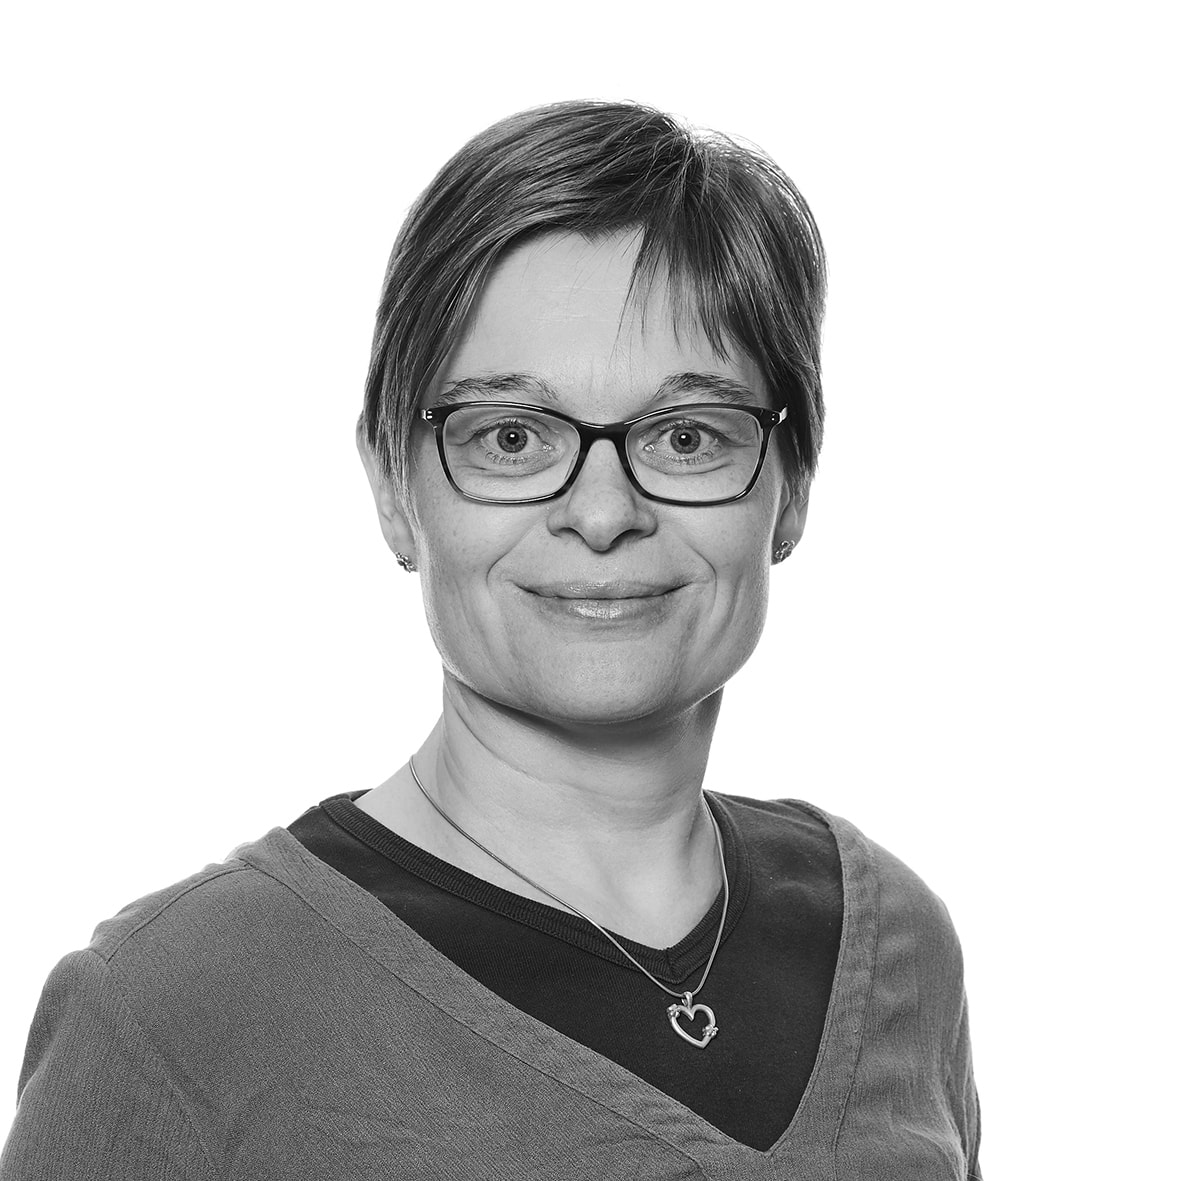 Karina Anna-Helene Flink Sørensen